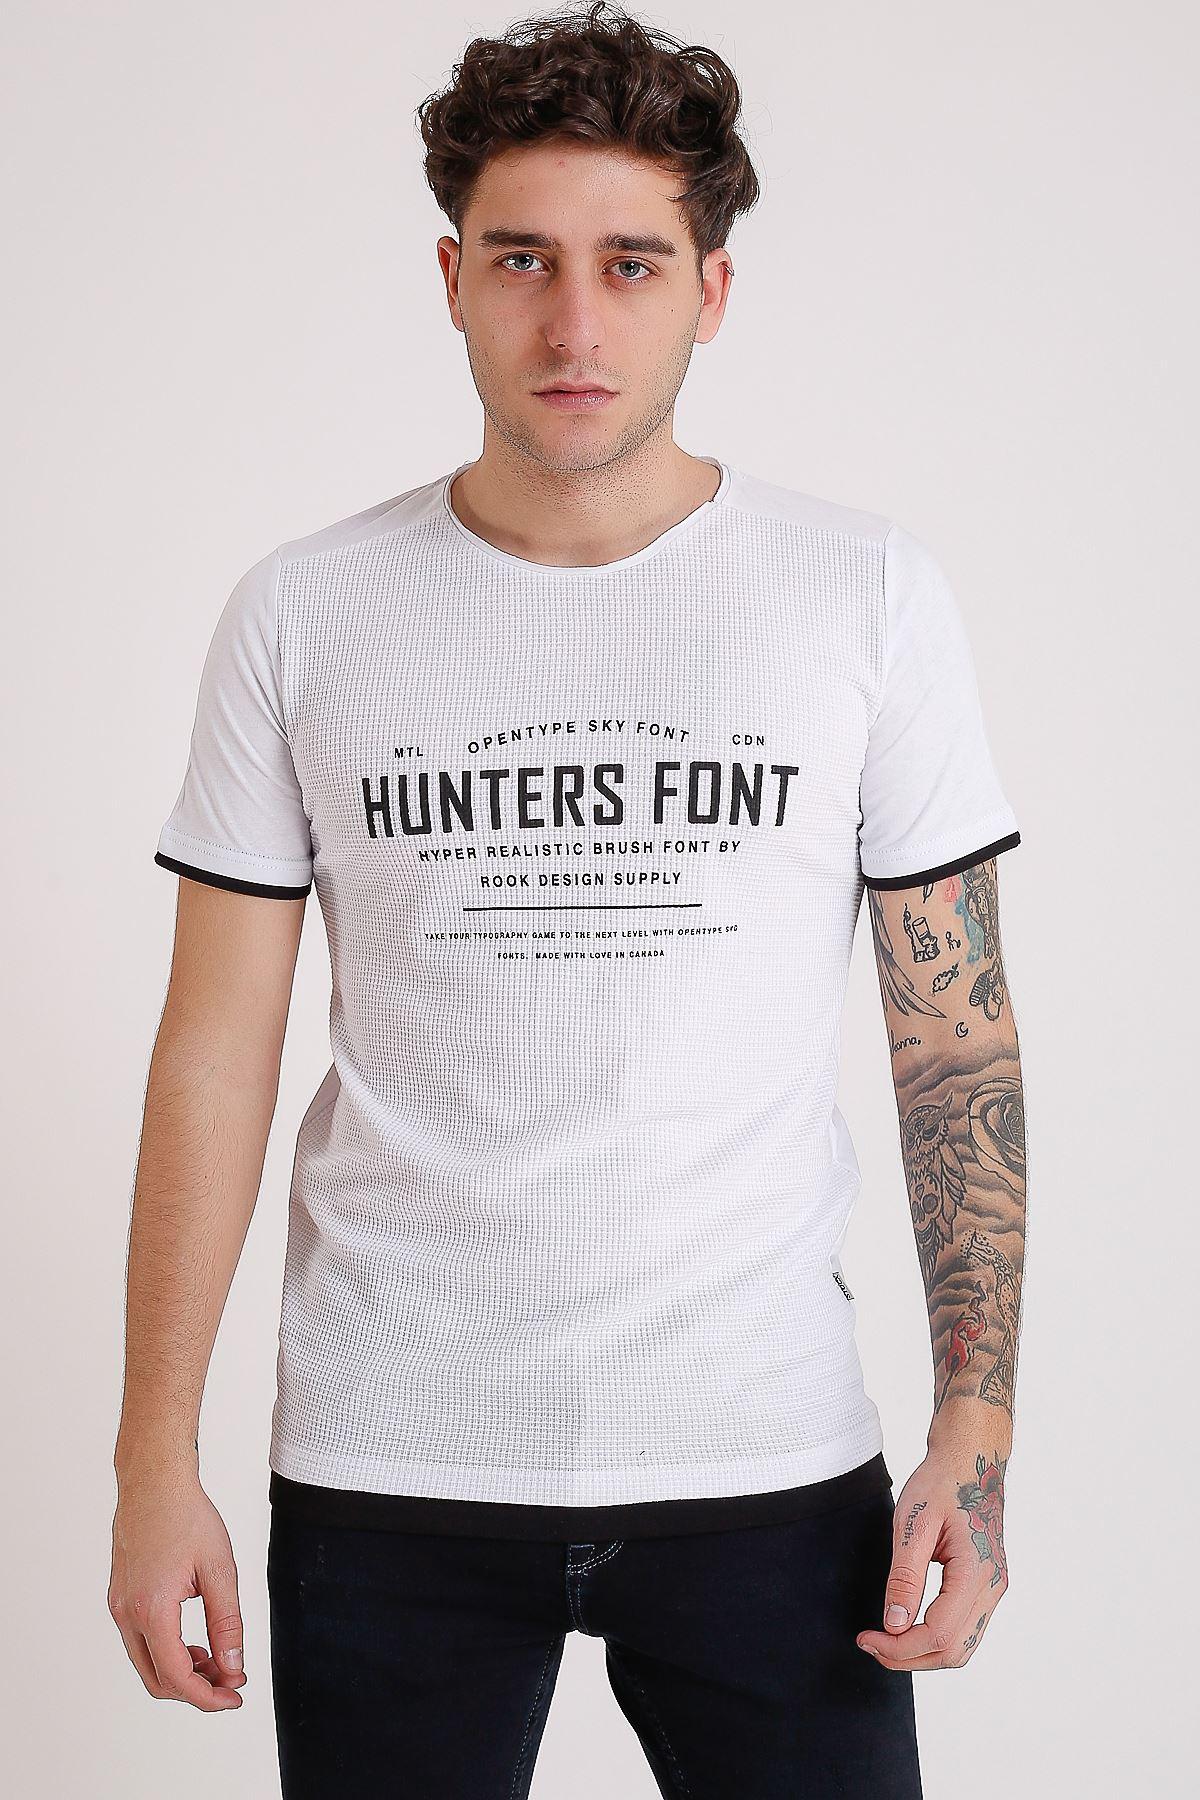 Bisiklet Yaka Baskılı Model Detay Beyaz Erkek T-Shirt